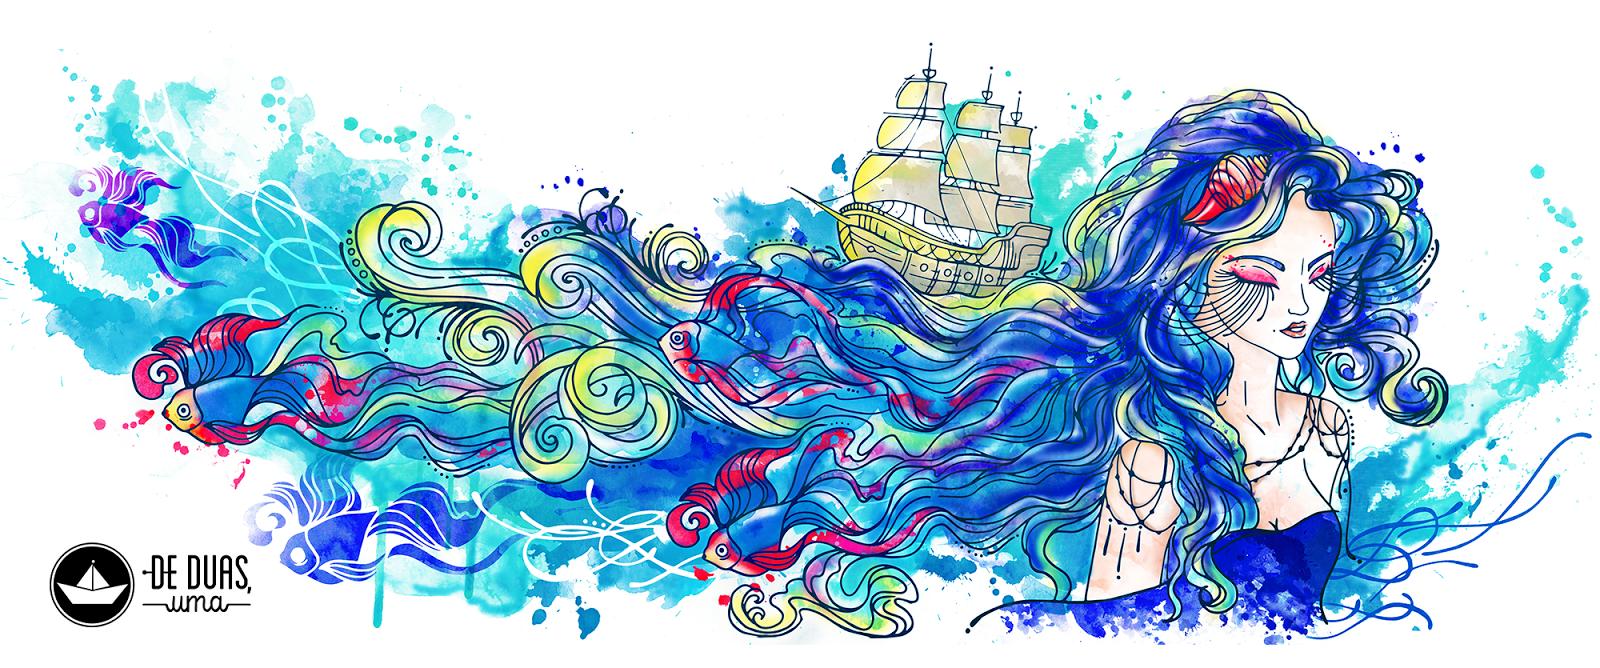 De duas, uma | Design, Ilustrações e Tattoos